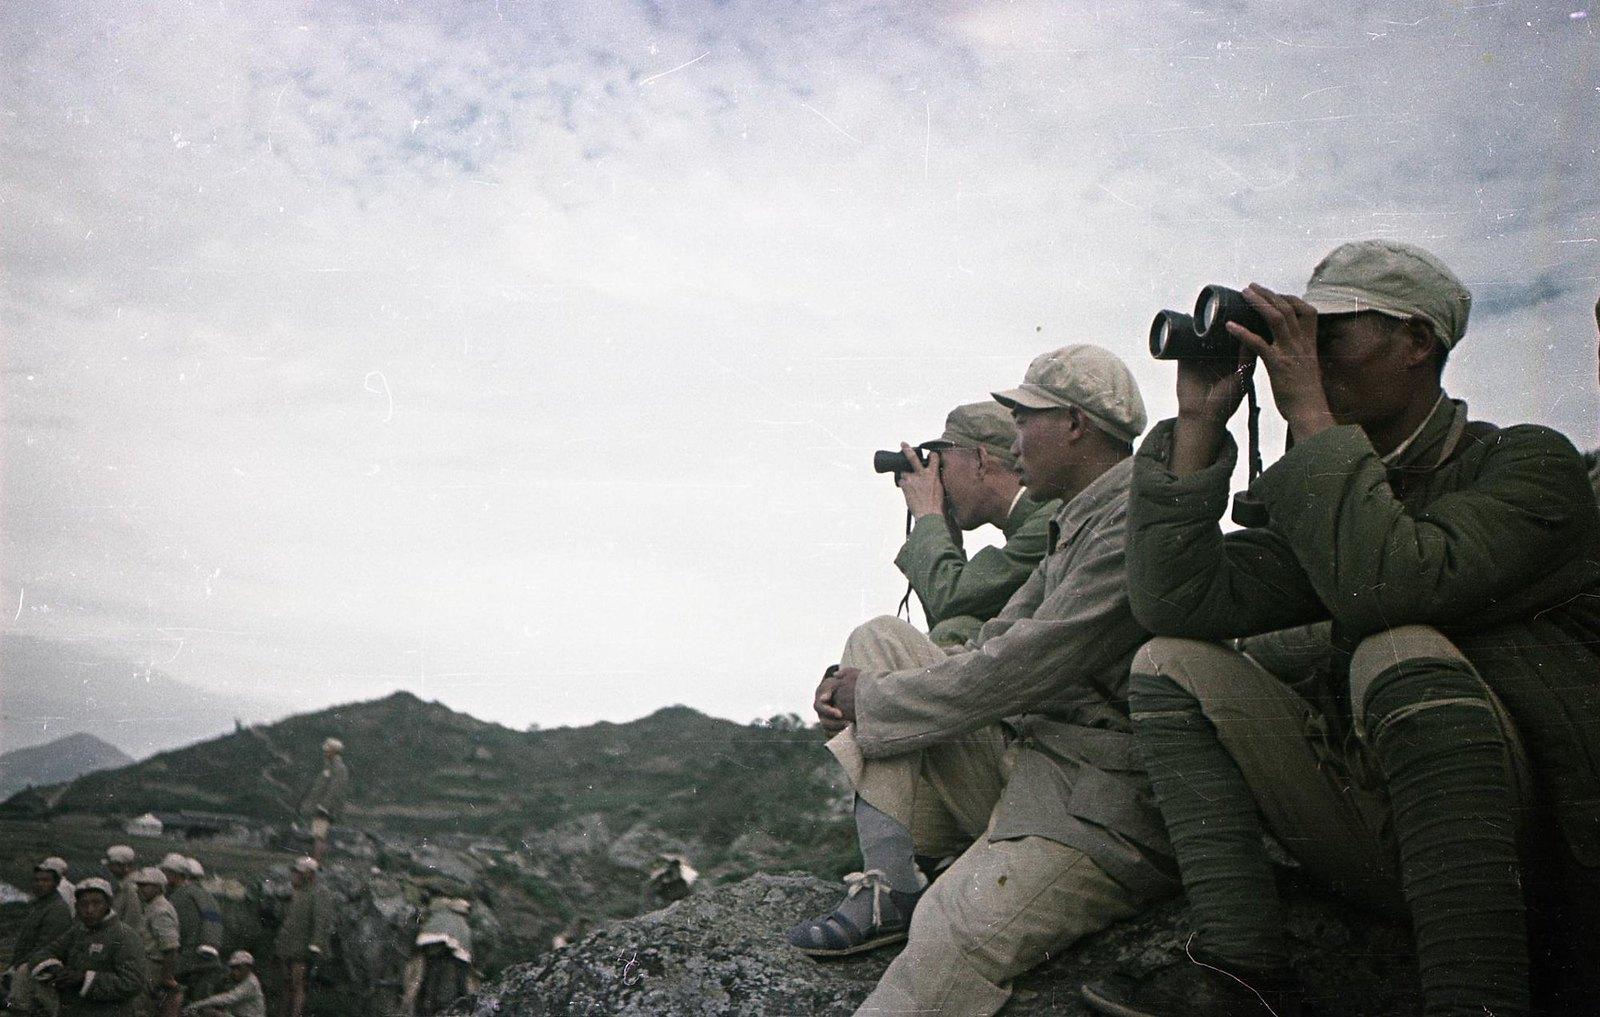 1949. Бойцы Народно-освободительной армии Китая. Наблюдательный пункт